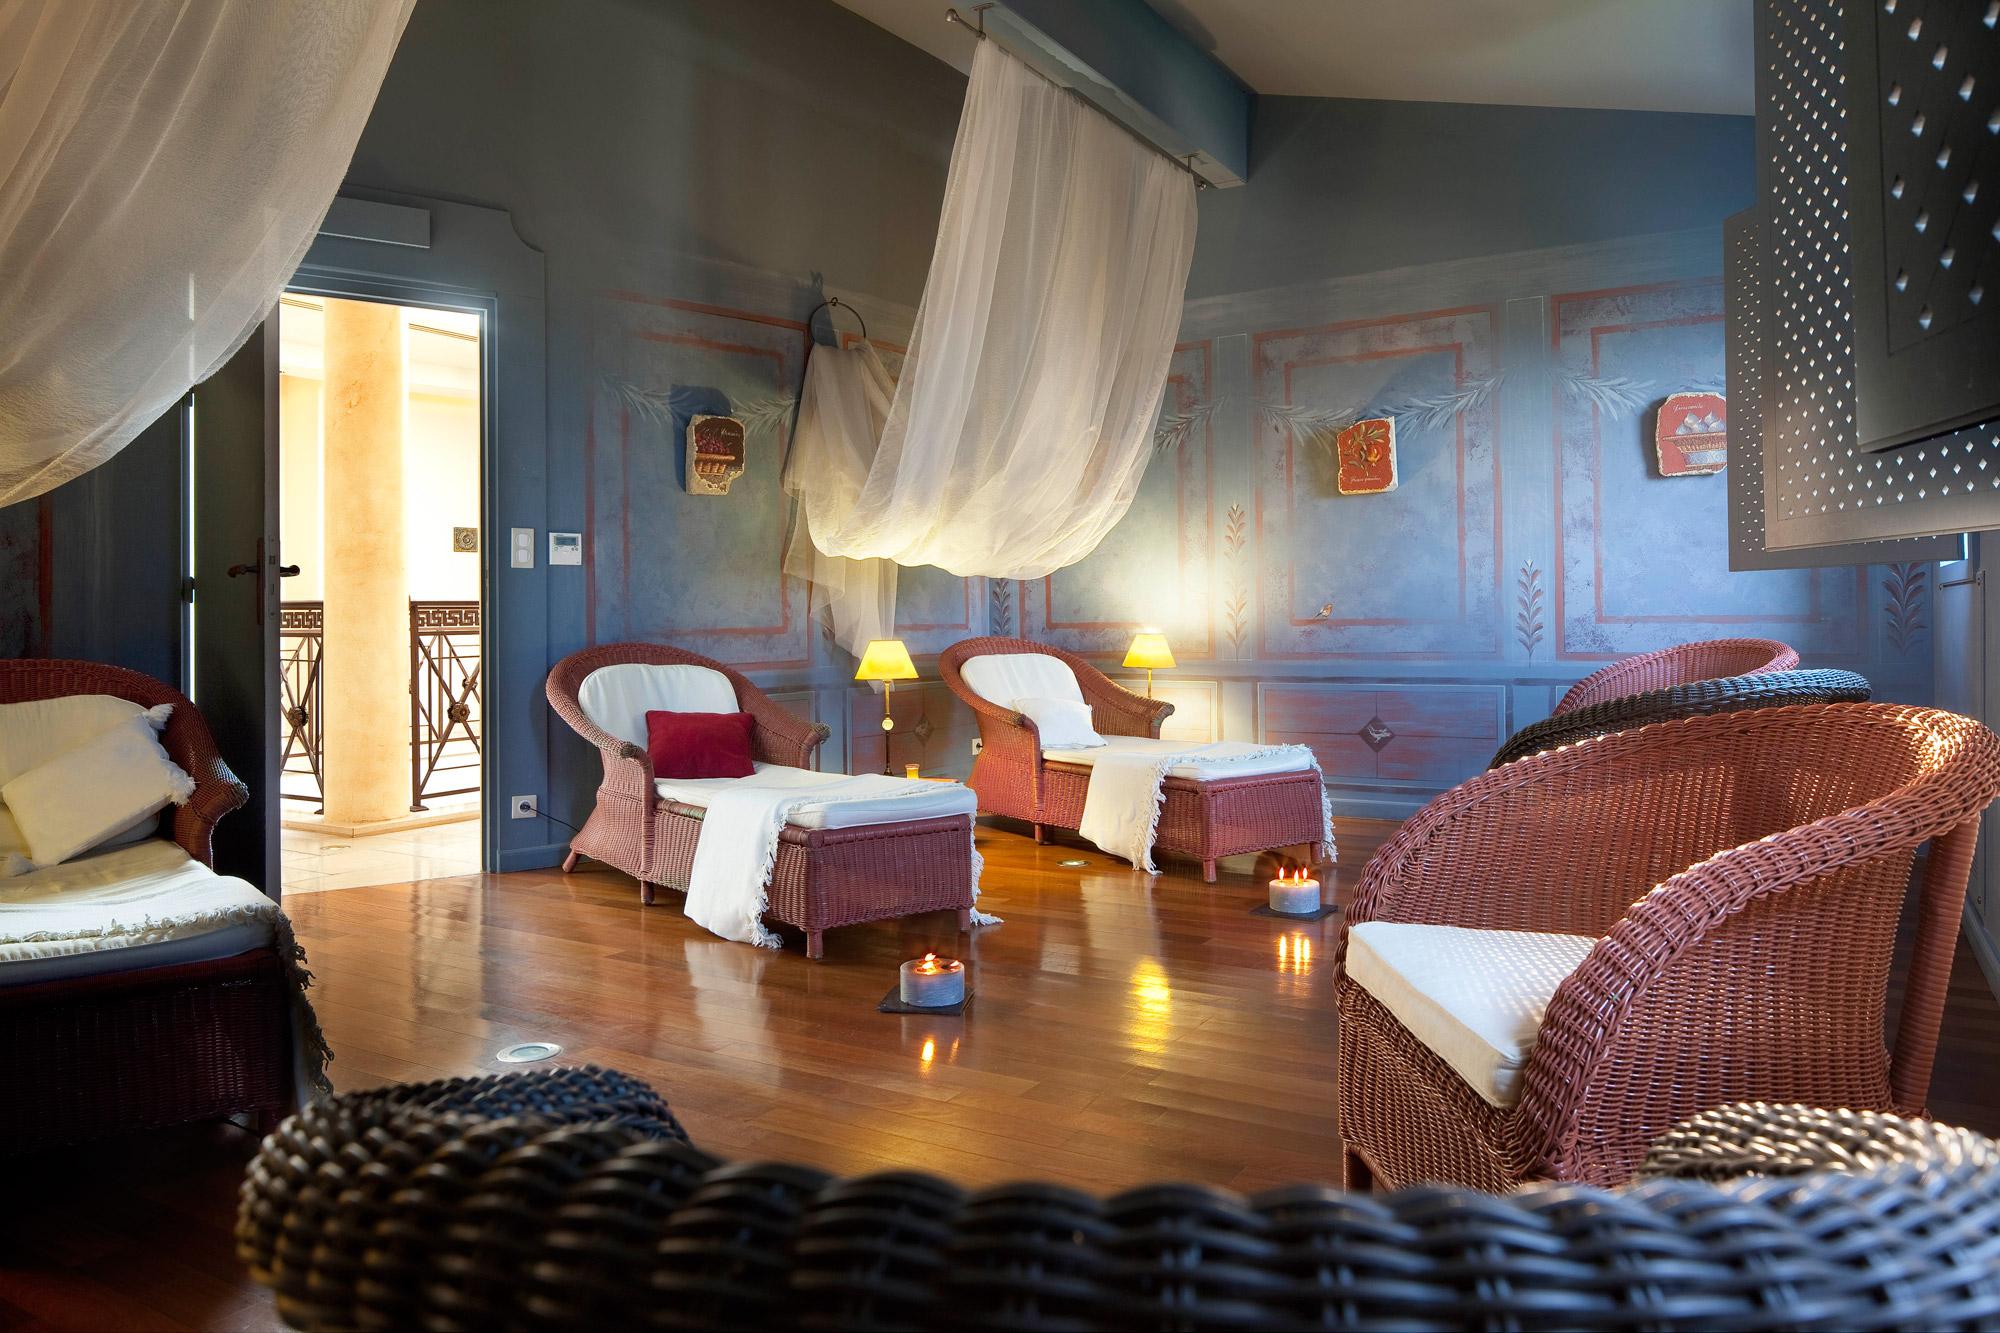 Grande salle dédiée aux soins et à la détente dans une ambiance feutrée et cocooning, meublée de fauteuils de relaxation en osier.